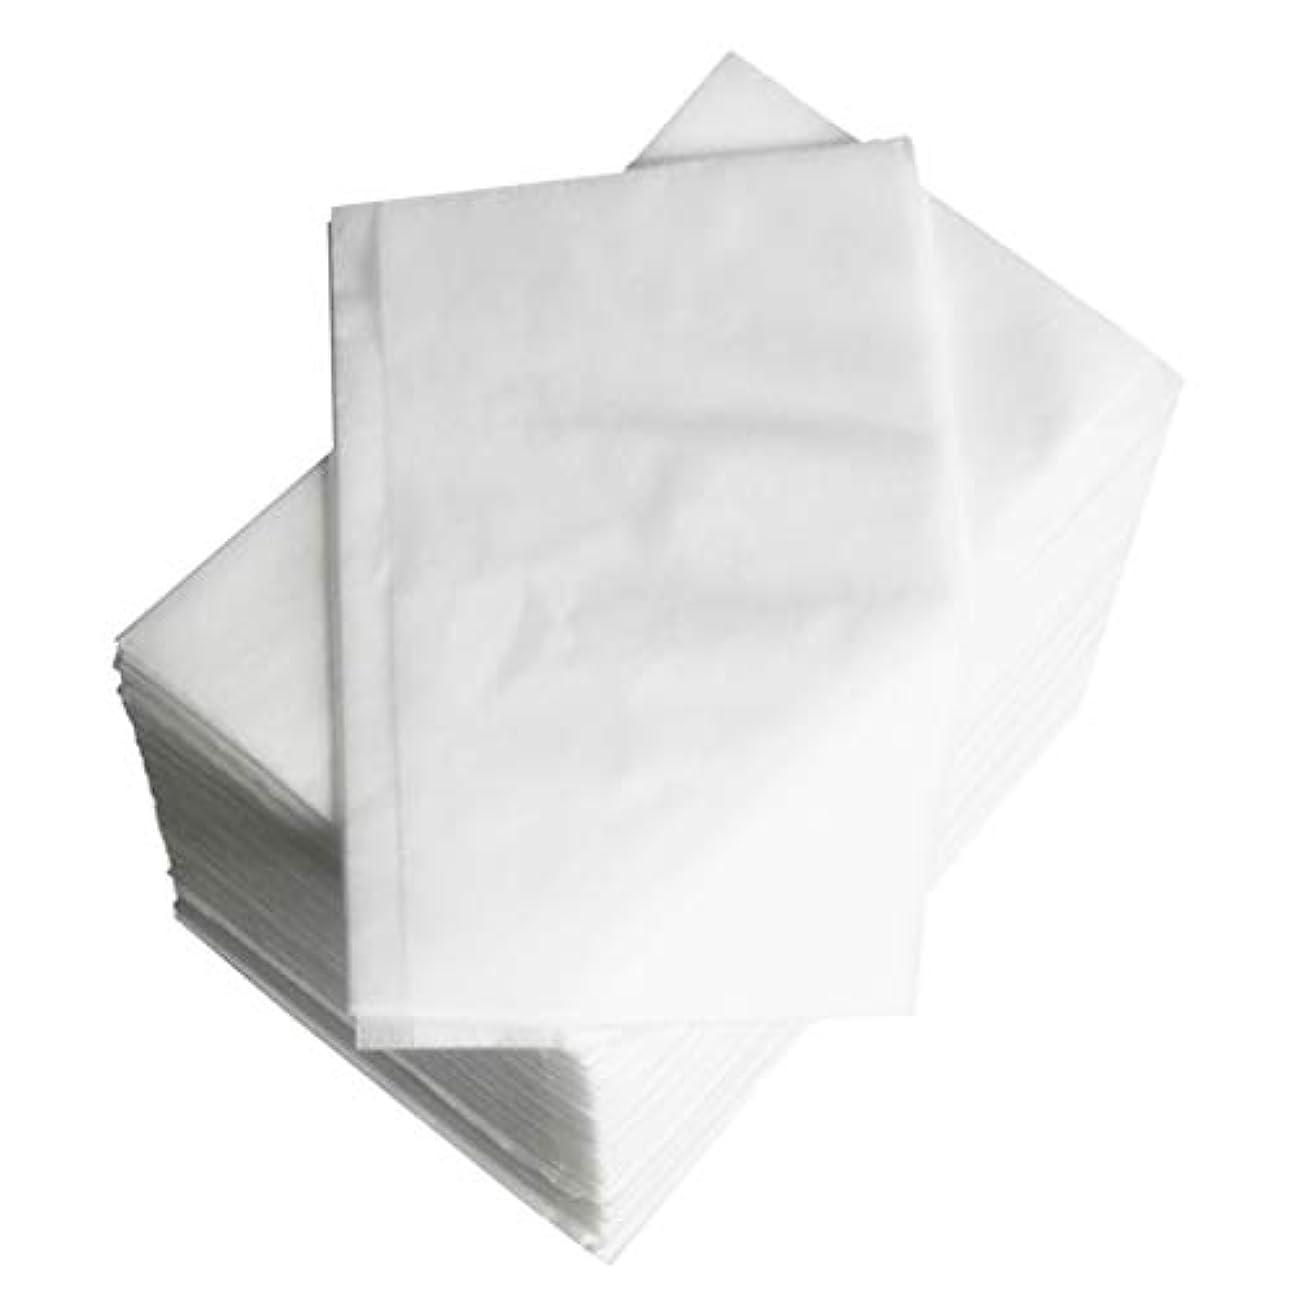 考えキャラバンハイジャックマッサージ テーブルカバー使い捨て 約100個入り 全2カラー - 白